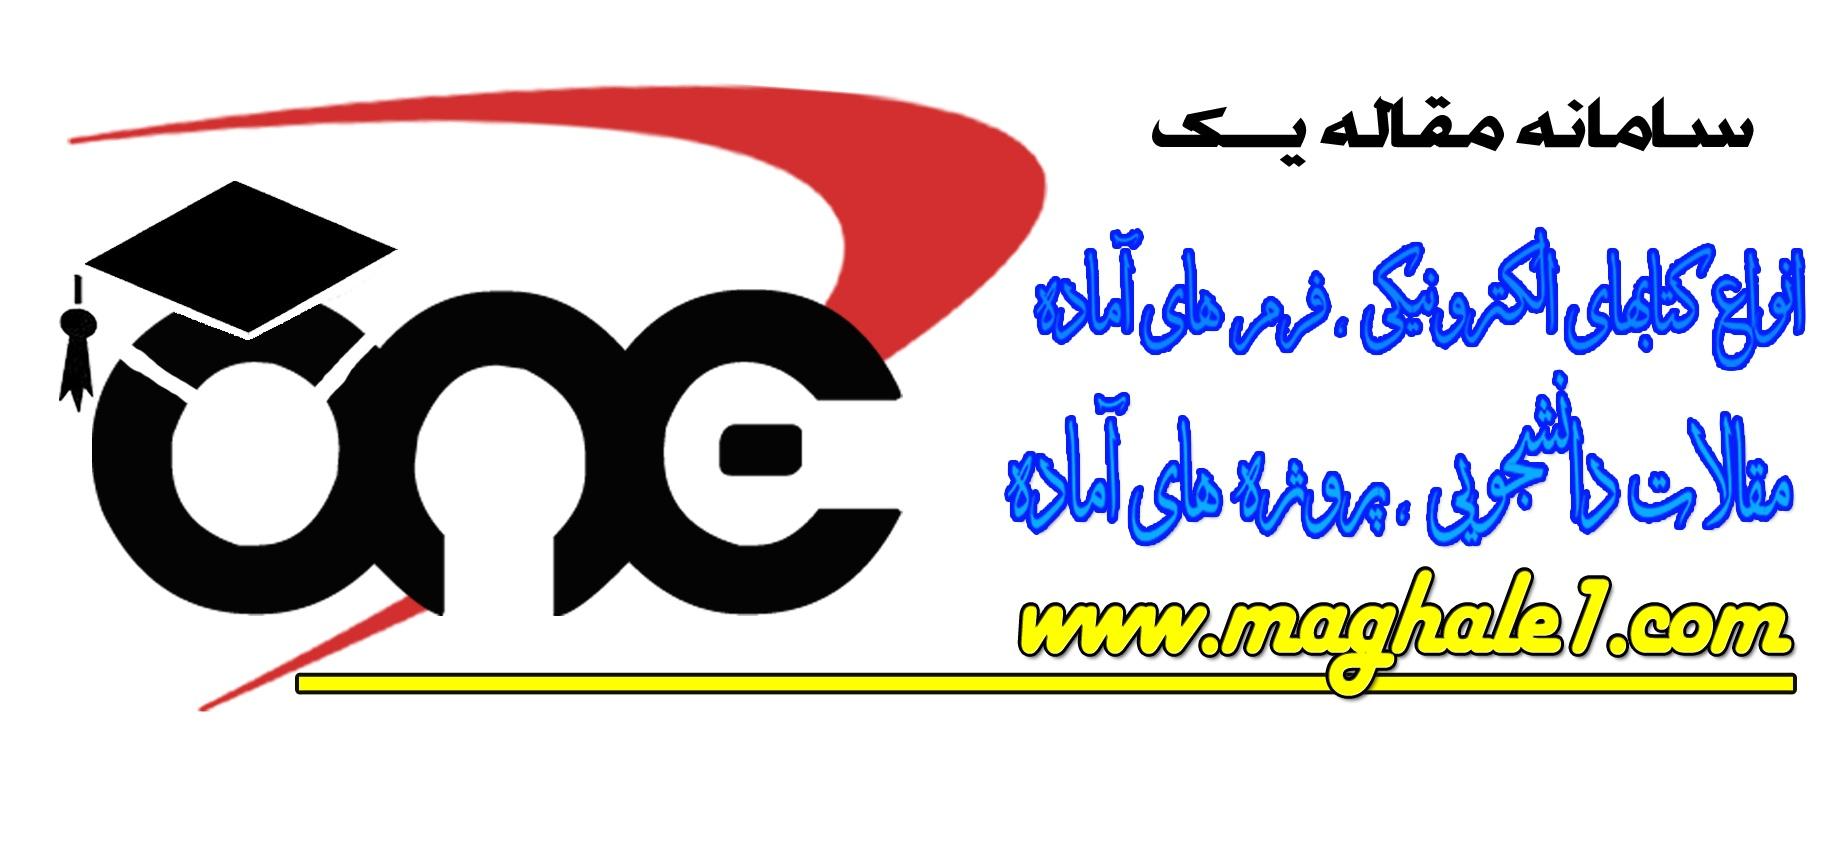 مقاله مقایسه تشبیه دو اثر،خسرو و شیرین نظامی و شیرین و خسرو میر صوبدار خان